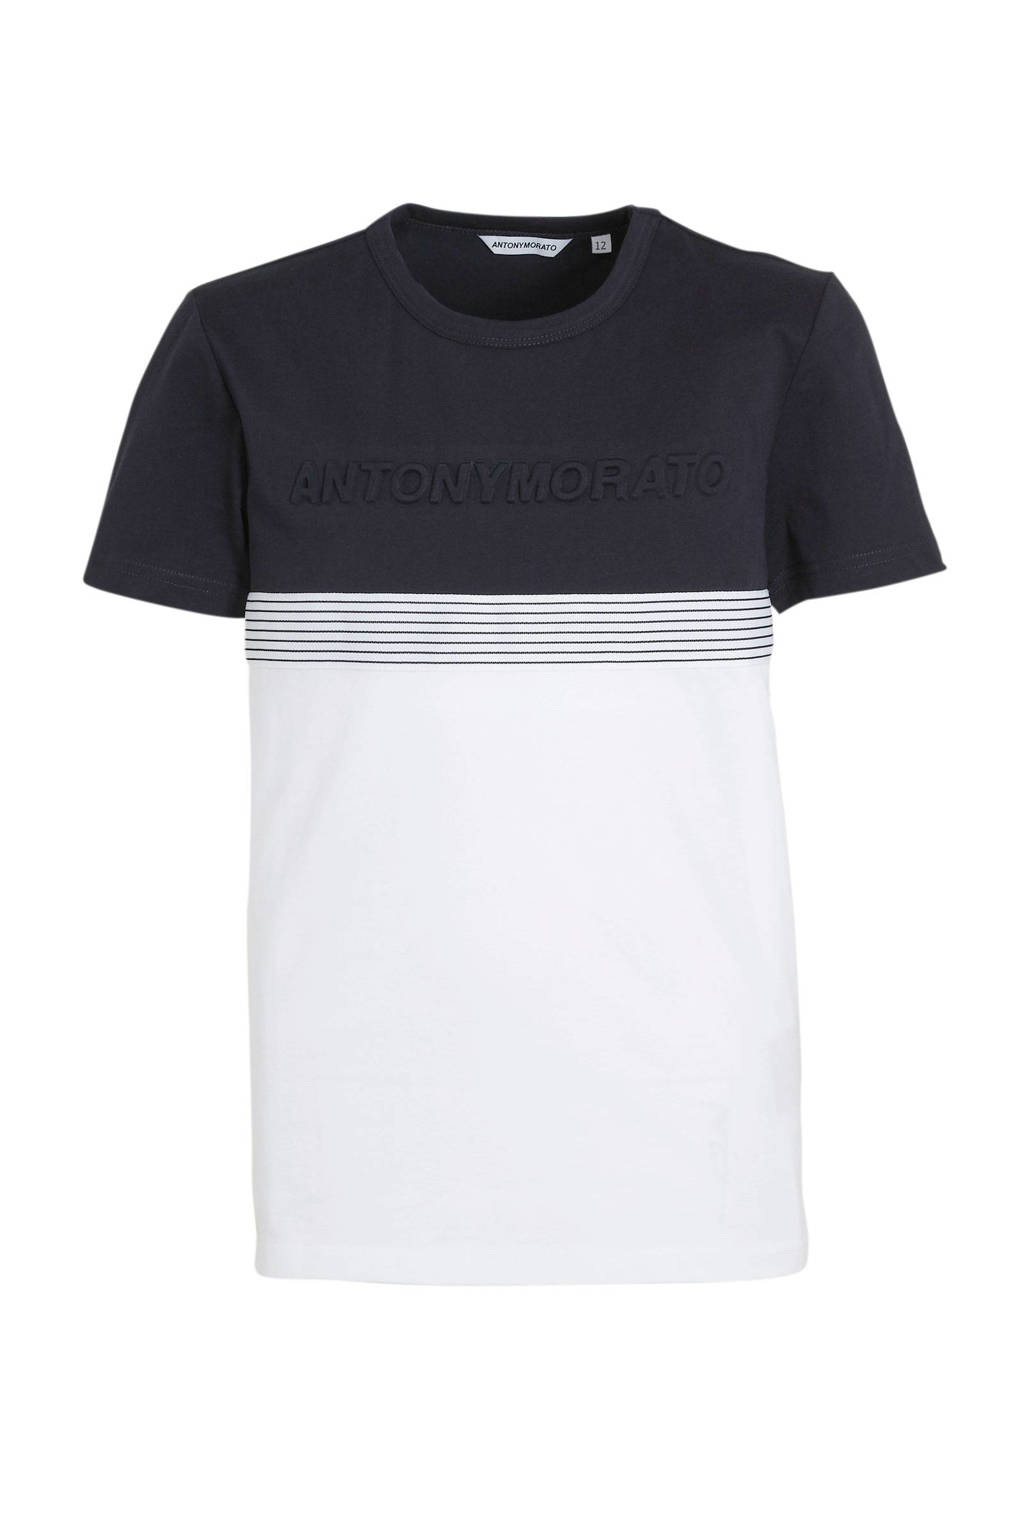 Antony Morato T-shirt met textuur donkerblauw/wit/zwart, Donkerblauw/wit/zwart